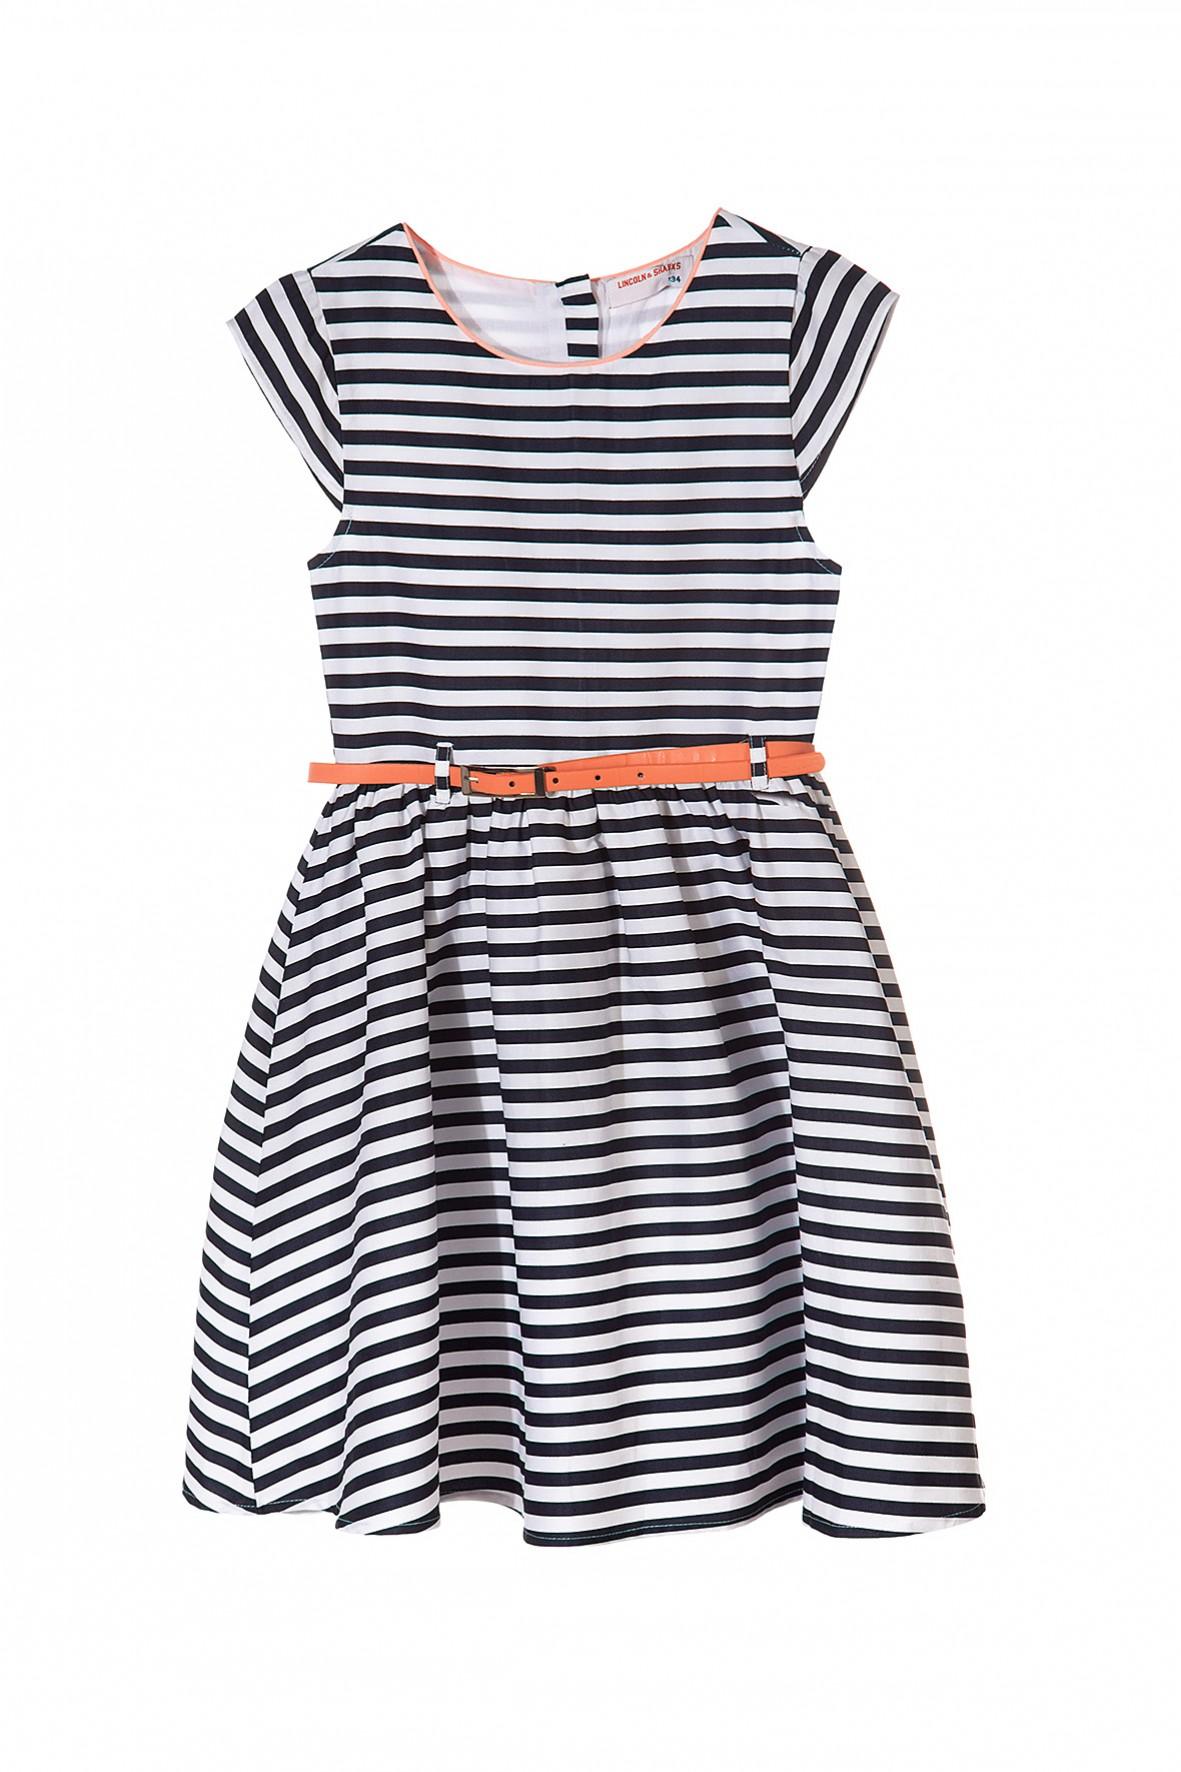 287830e477 Sukienka dla dziewczynki w biało granatowe paski-idealna na ...